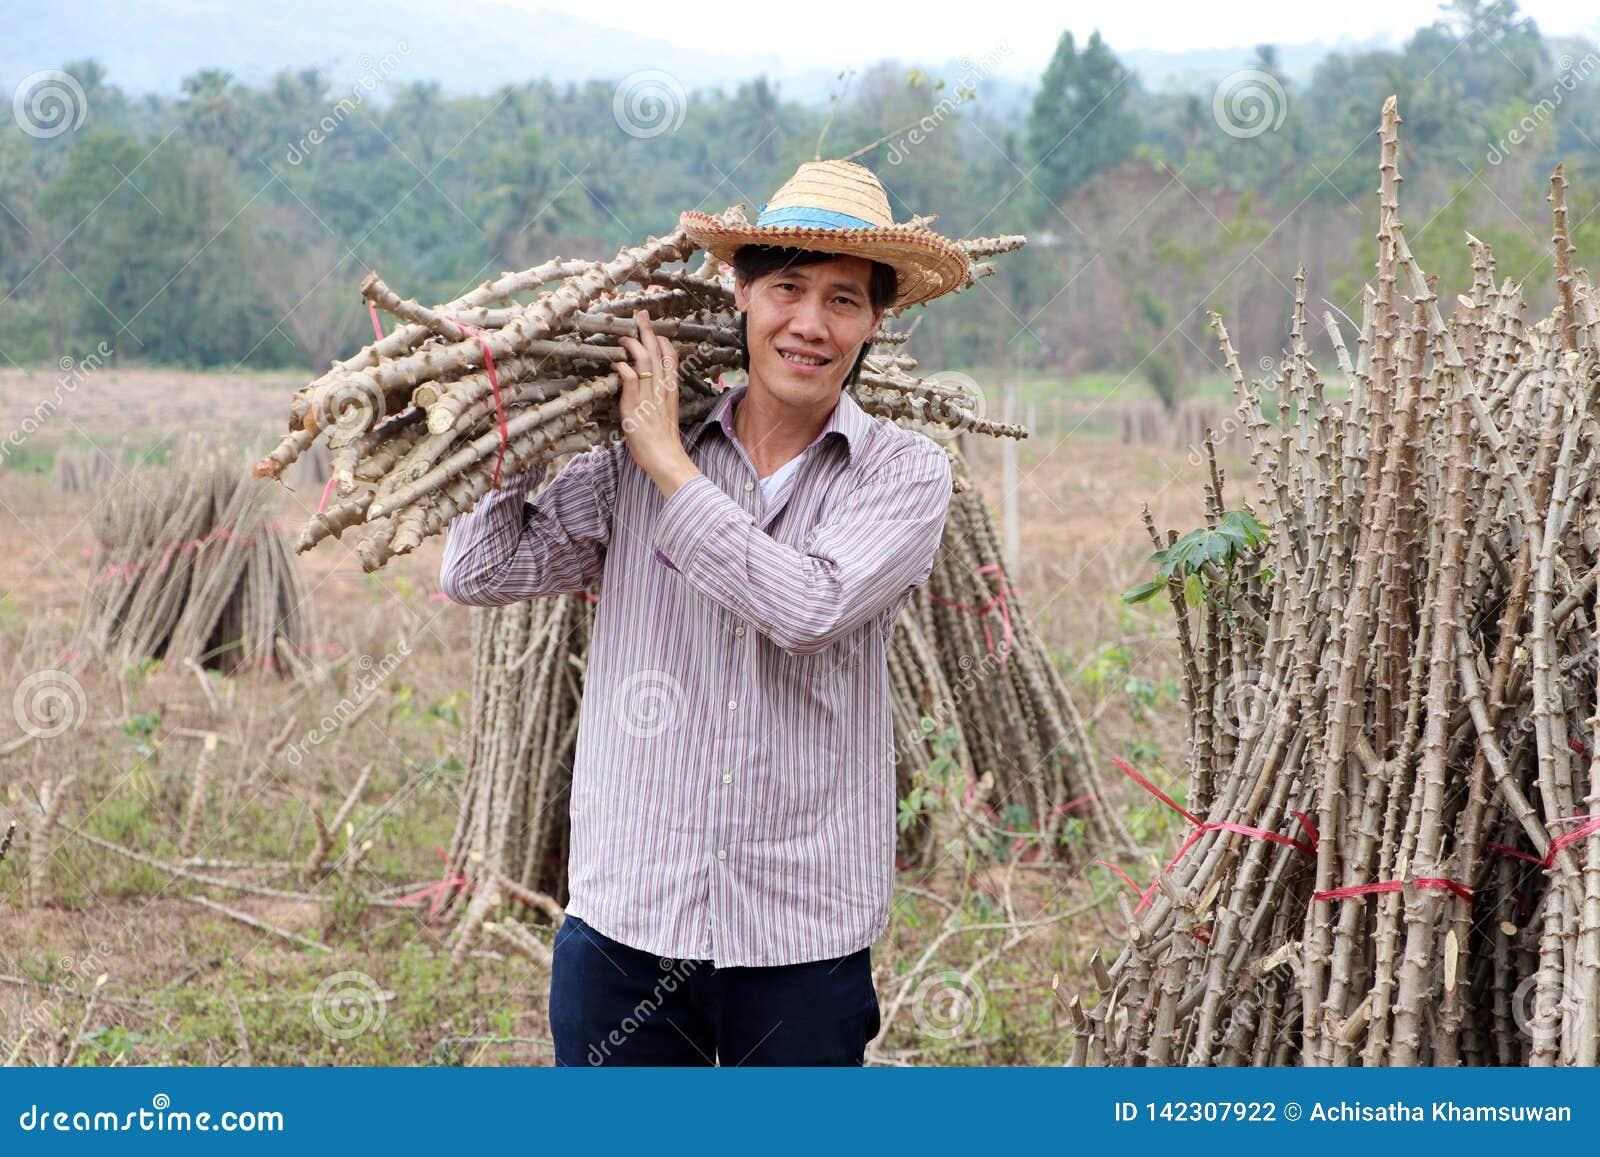 Posição masculina do fazendeiro e membro das tapiocas do ombro que cortou a pilha junto na exploração agrícola